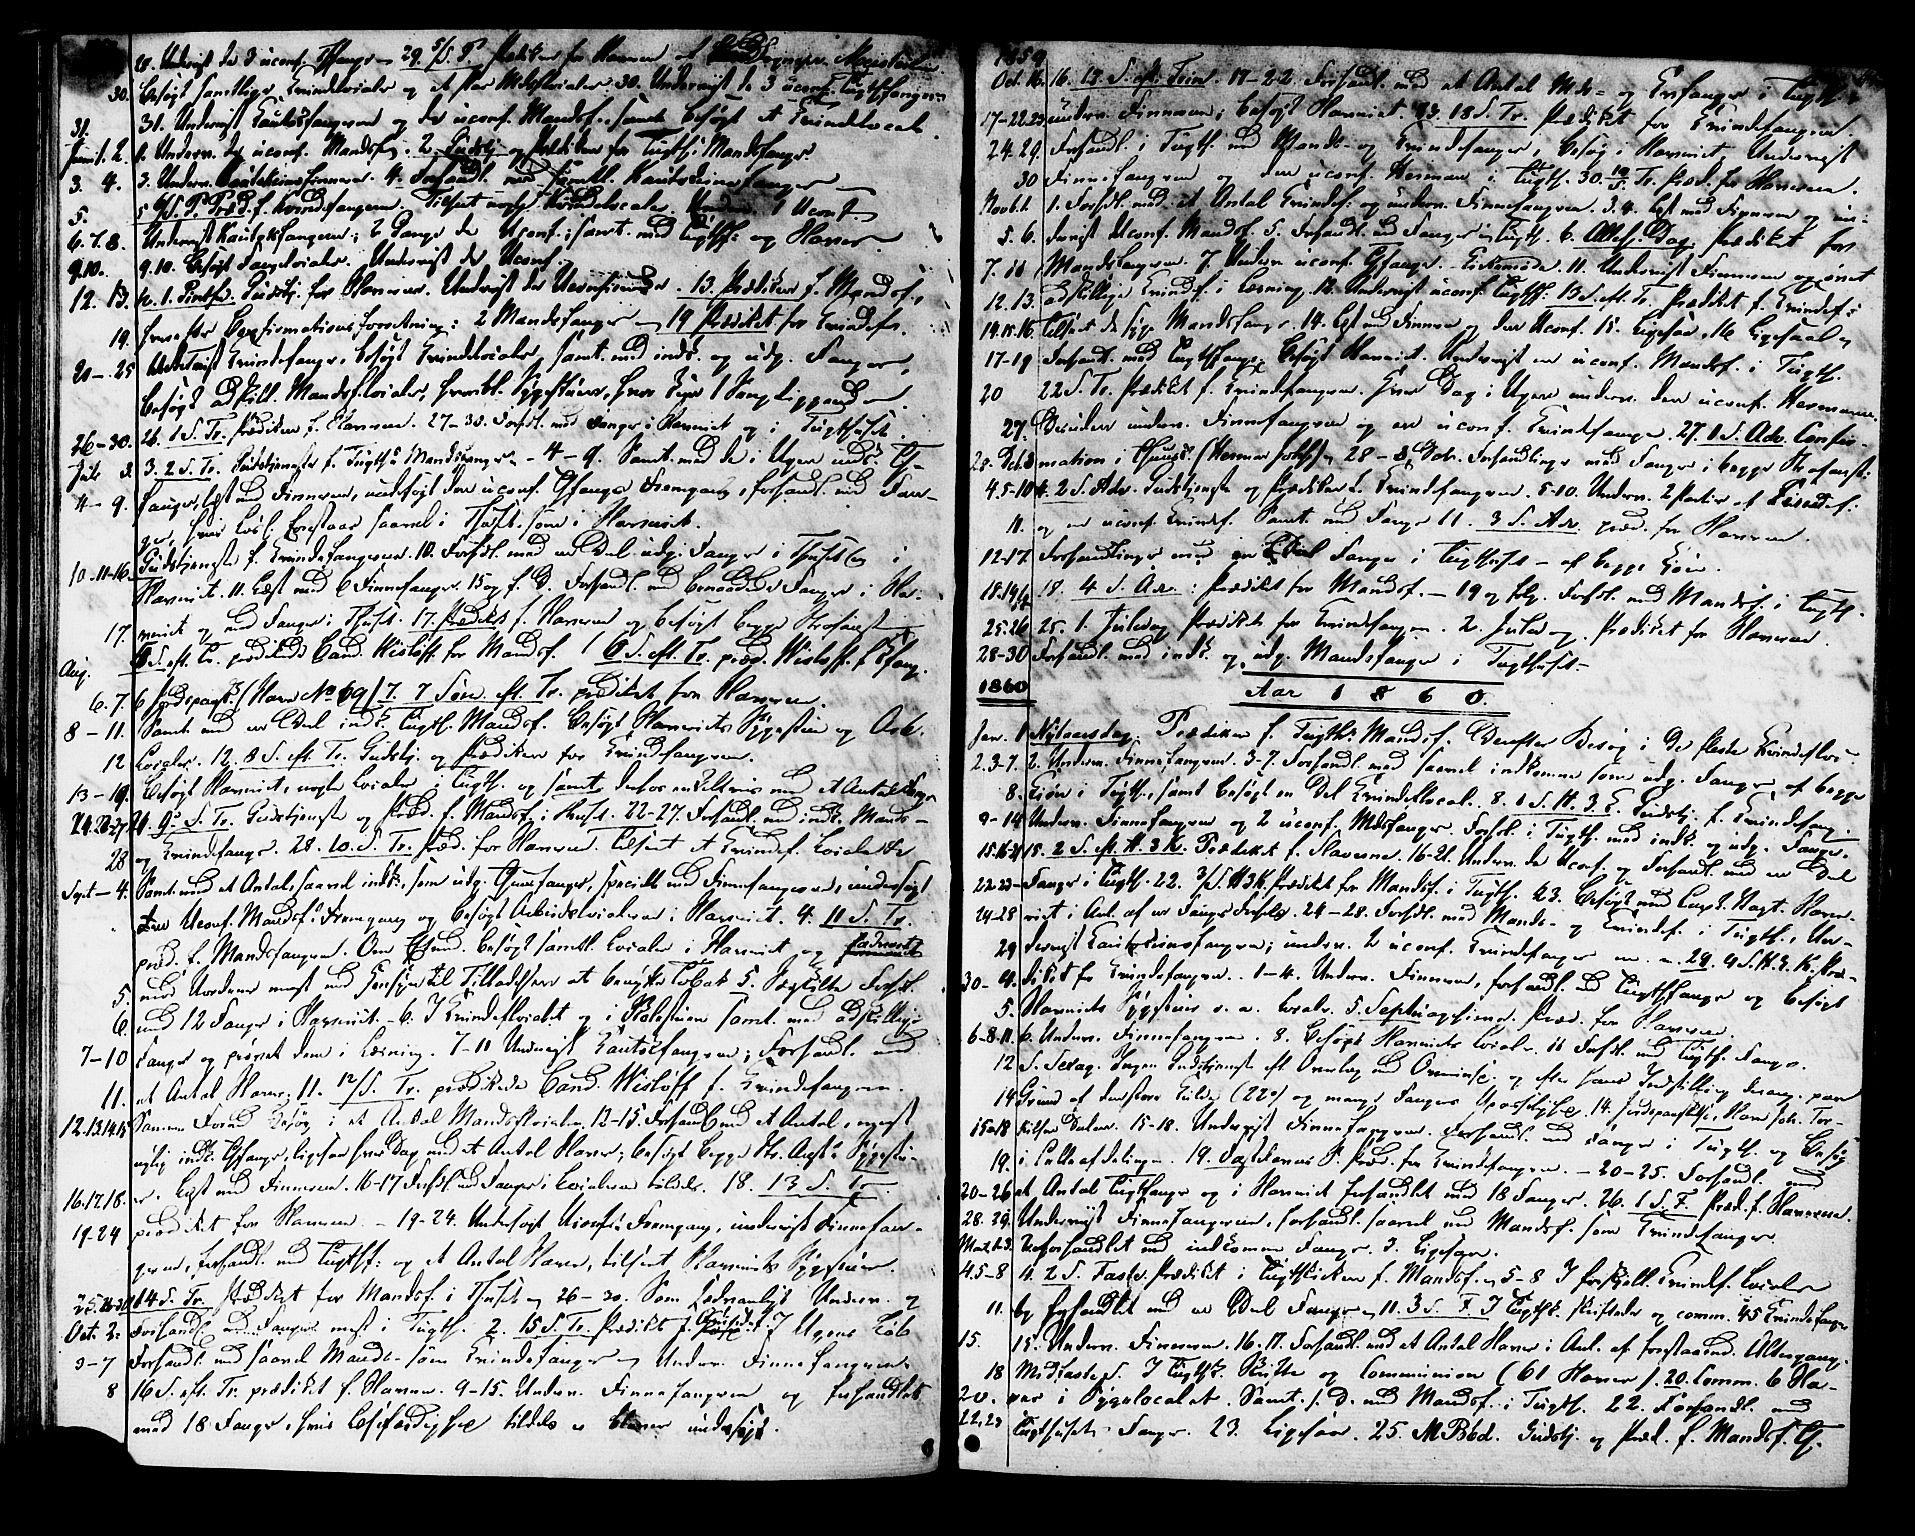 SAT, Ministerialprotokoller, klokkerbøker og fødselsregistre - Sør-Trøndelag, 624/L0481: Ministerialbok nr. 624A02, 1841-1869, s. 45